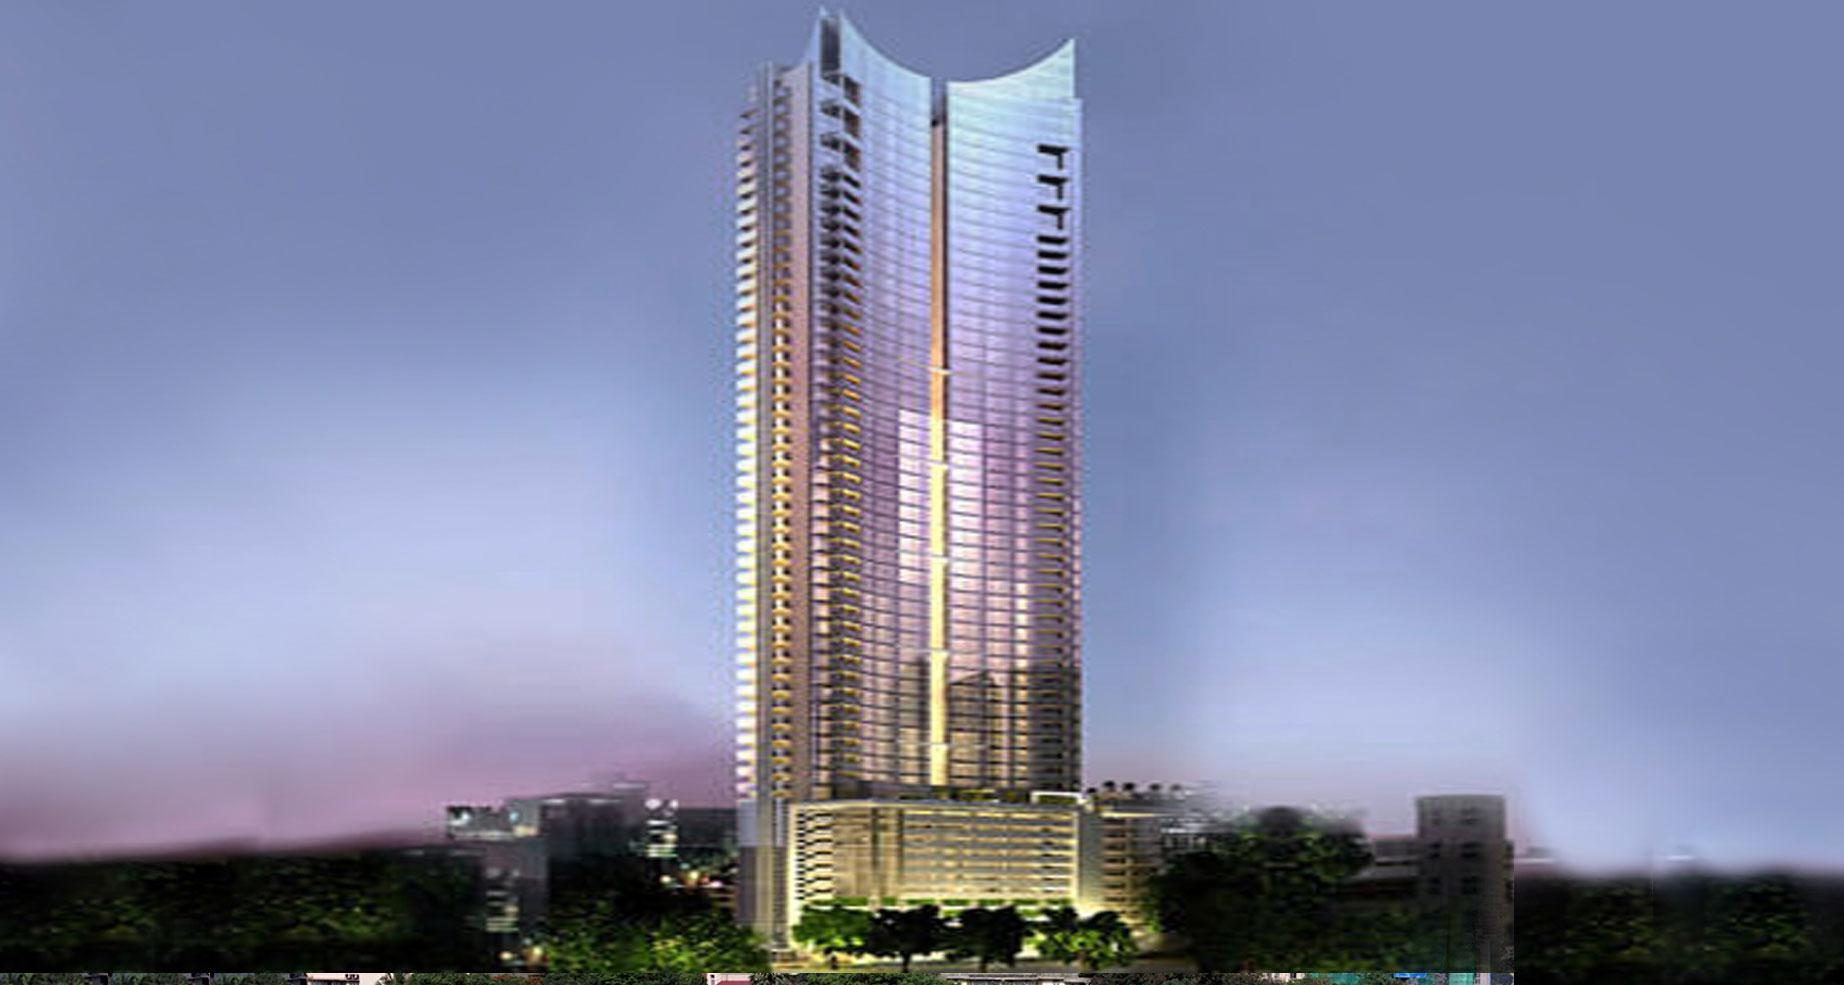 Ahuja Towers Take a closer look at Mumbai's skyscrapers